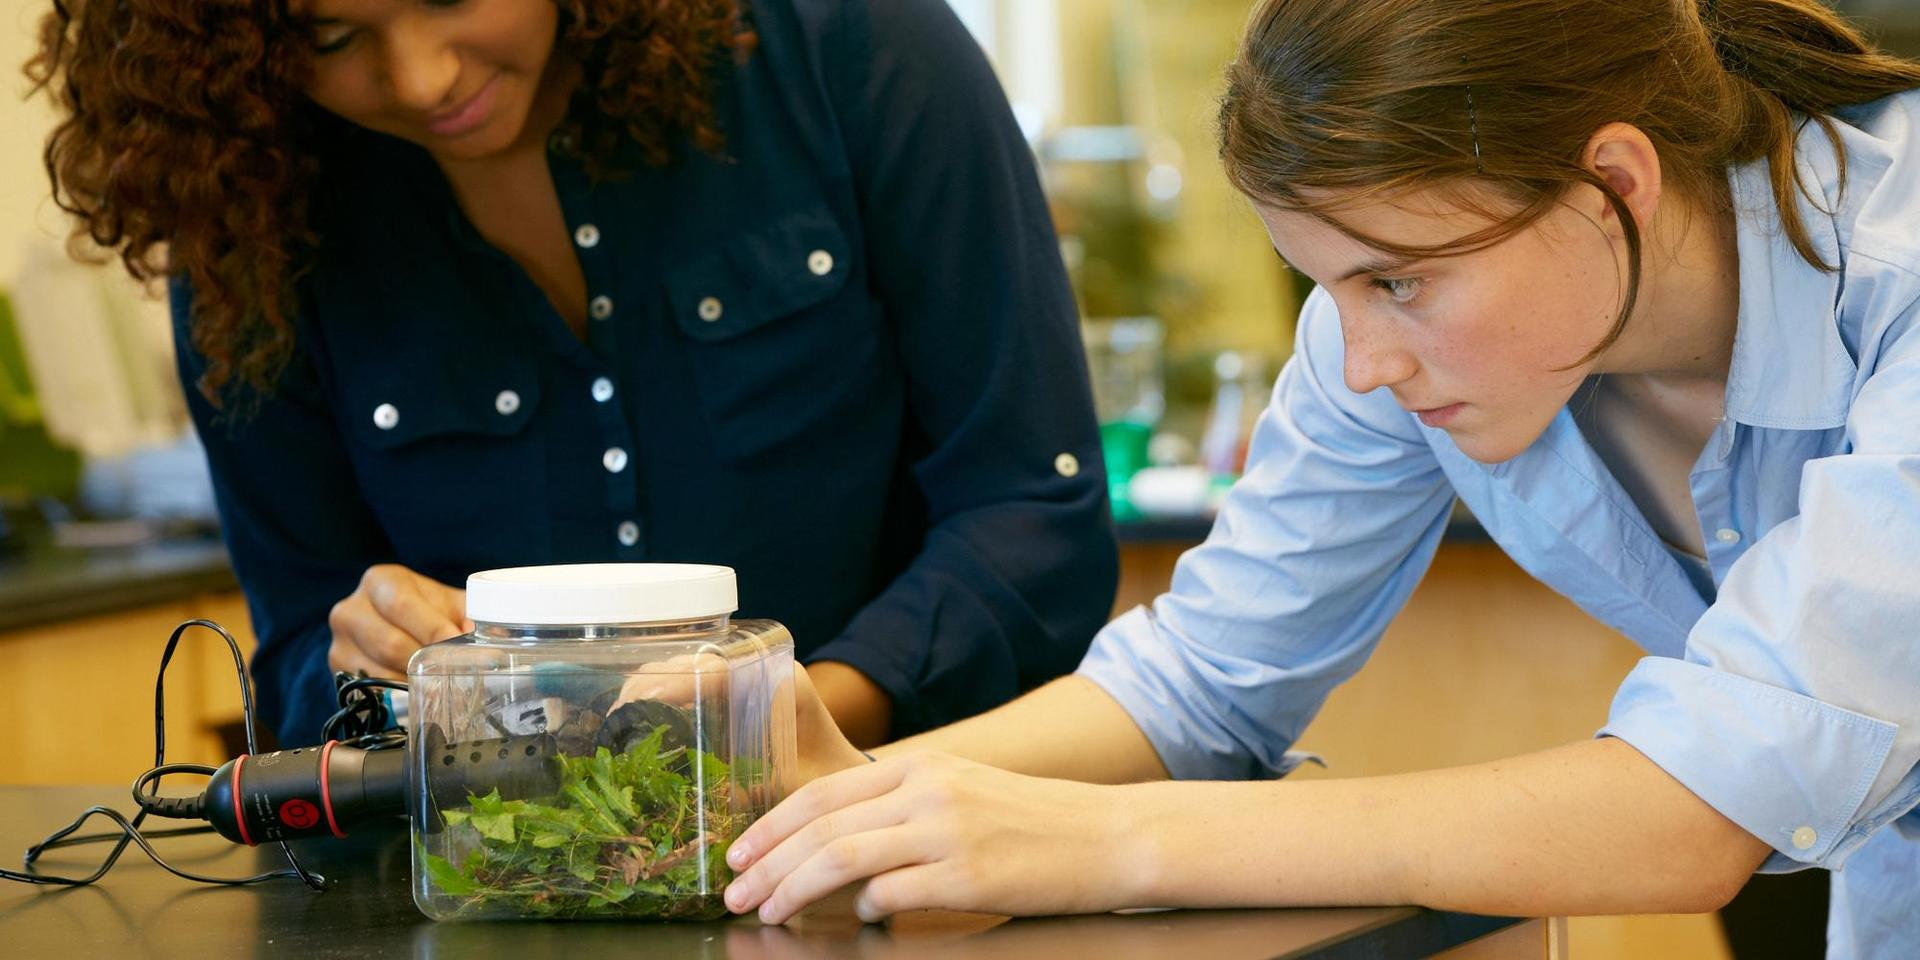 学生们正在研究植物在一个罐子里的气体排放.